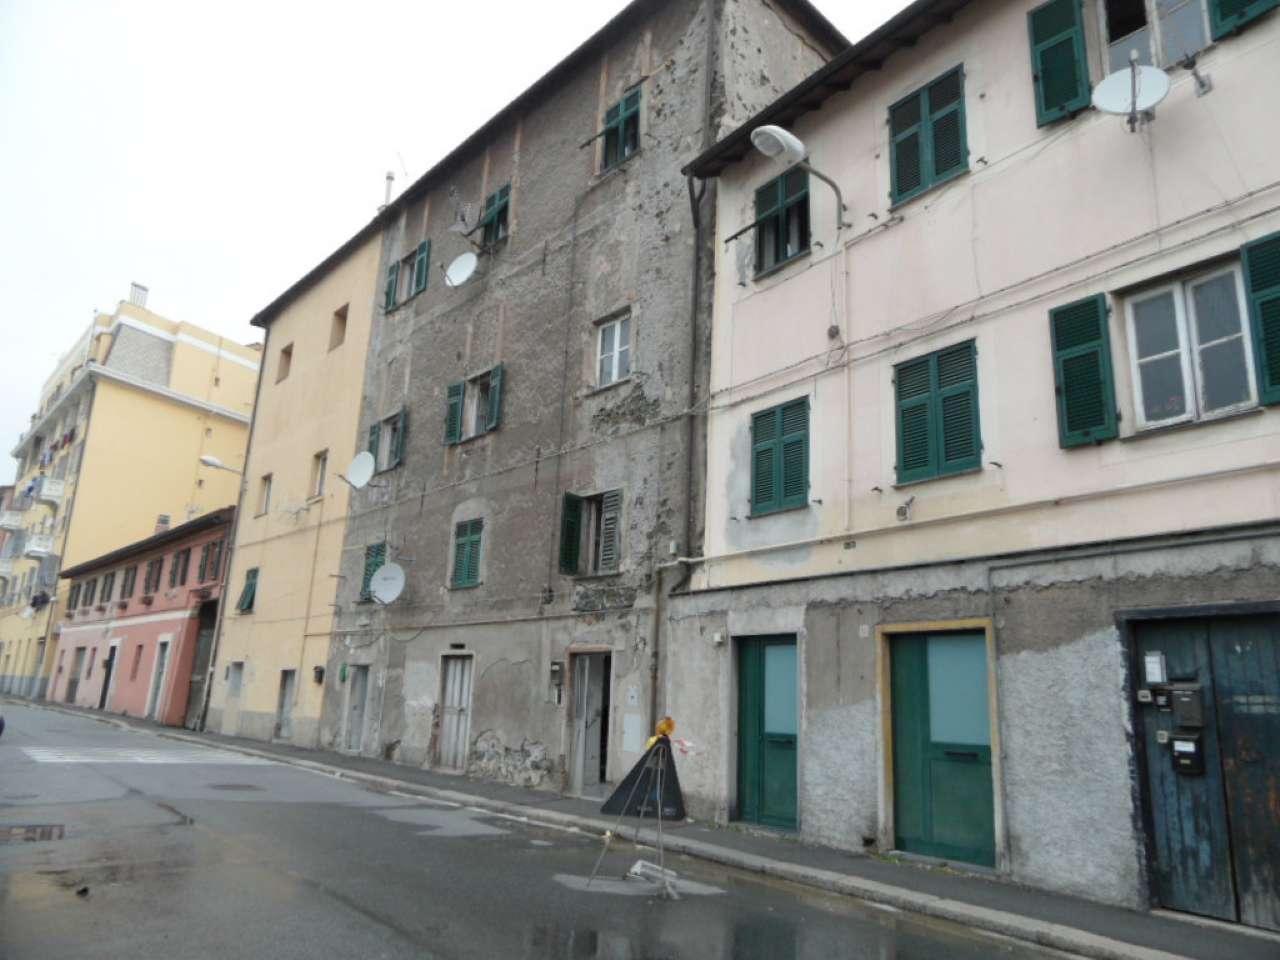 Soluzione Indipendente in vendita a Genova, 5 locali, zona Zona: 9 . Cornigliano, prezzo € 39.000 | Cambio Casa.it